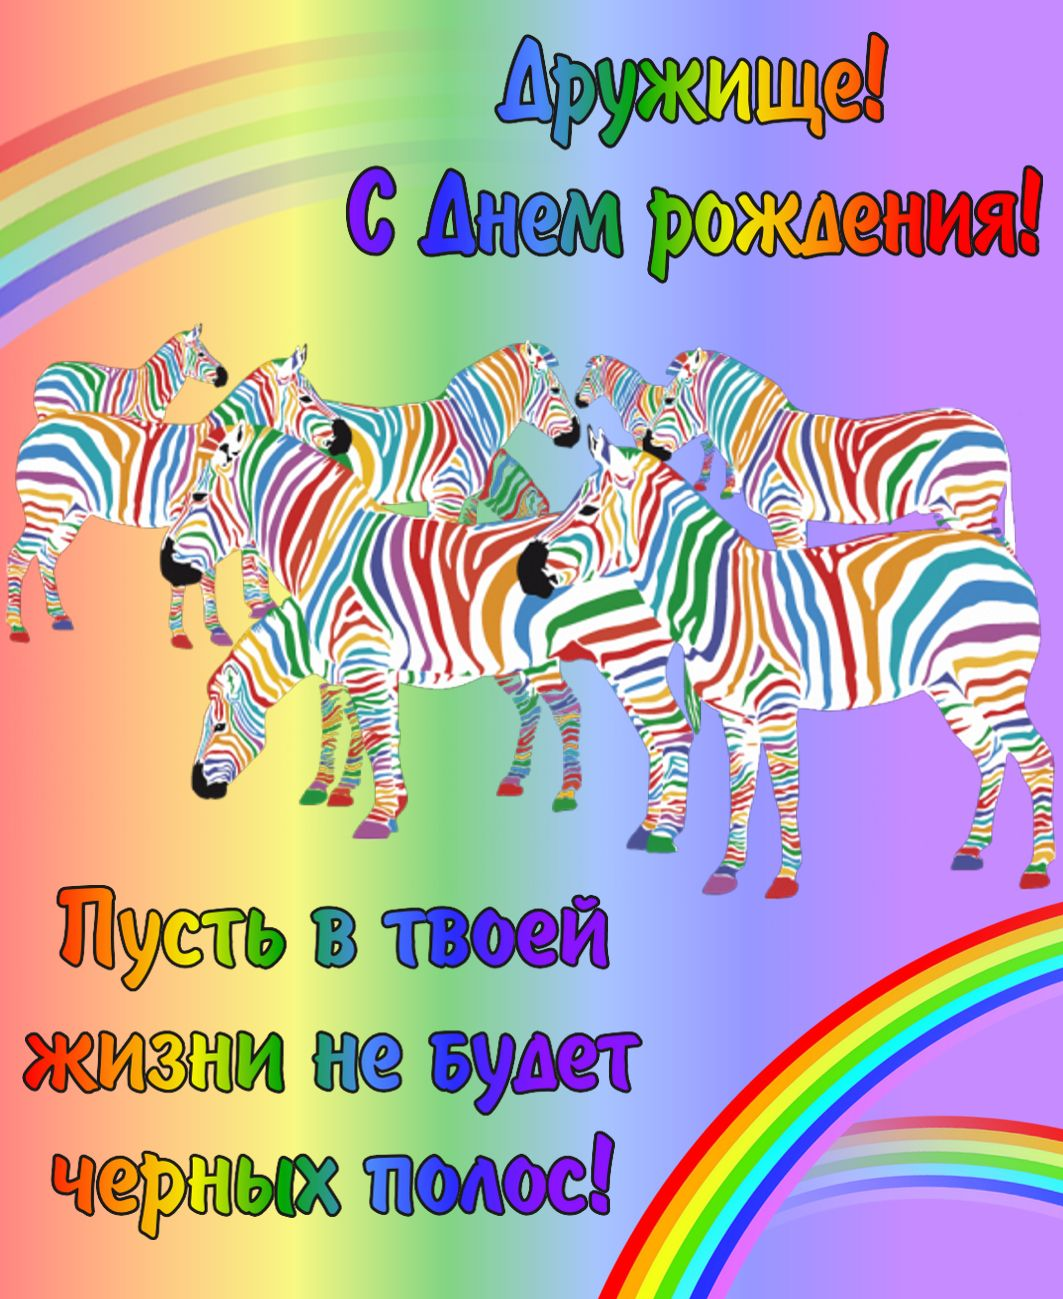 Открытка другу на День рождения - радужные зебры без черных полос